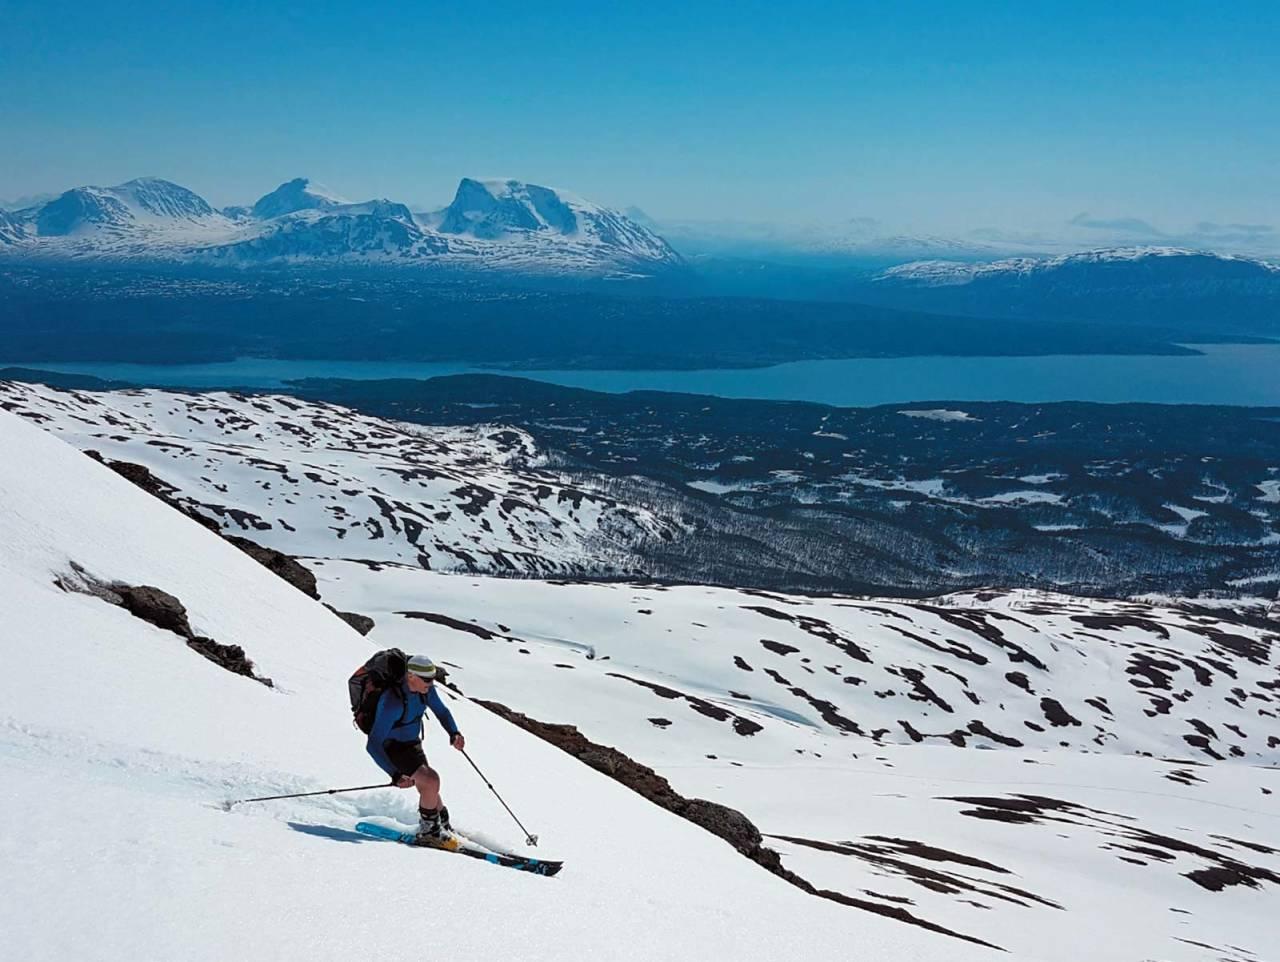 Man blir aldri for gammel til å leke. Johnny Rognmo, snart 70 år, svinger seg ned fra Kvannfjellet. Foto: Ruben Rognmo.